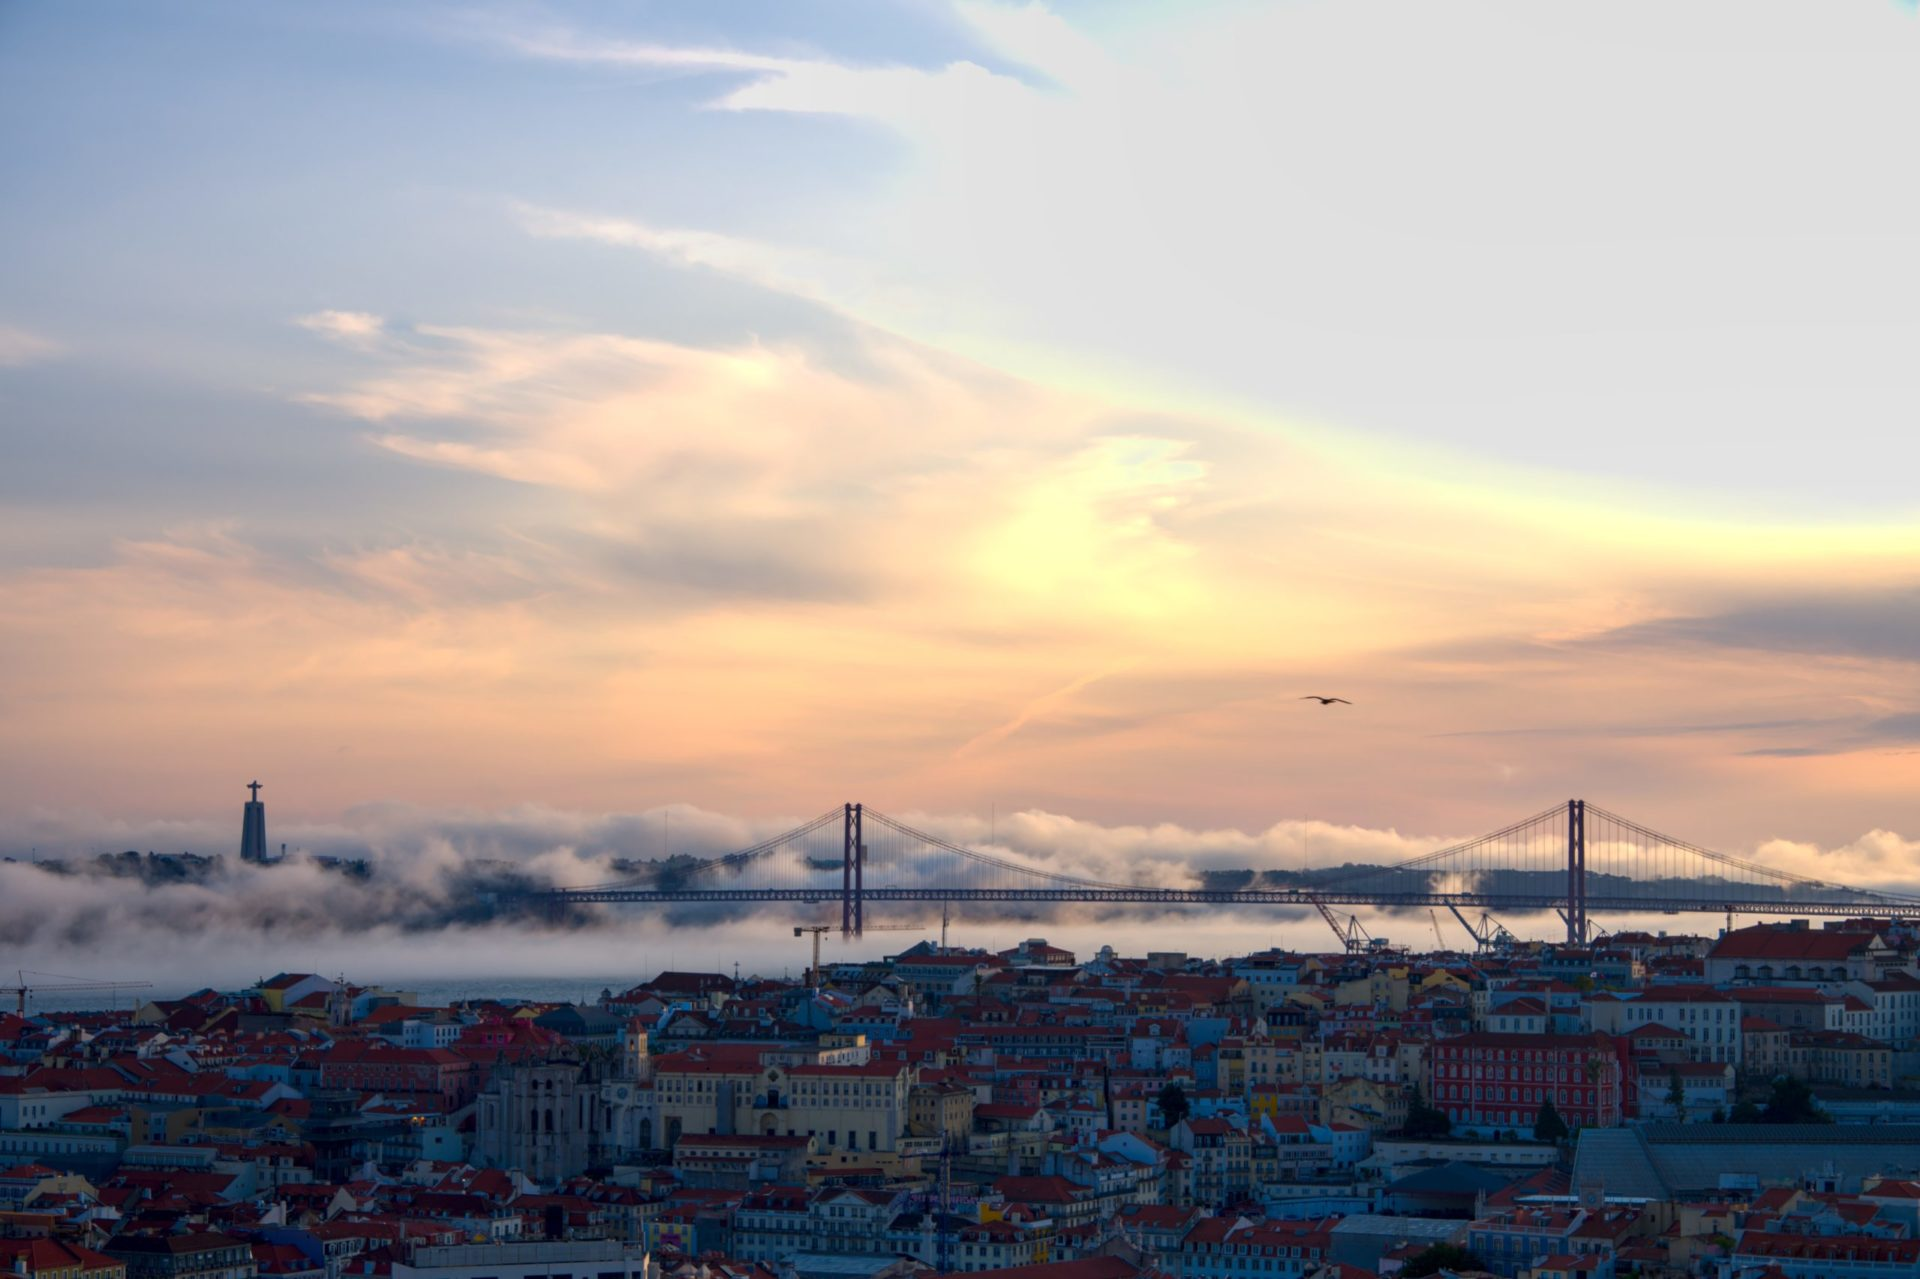 Lissabon und das zentralportugiesische Hinterland